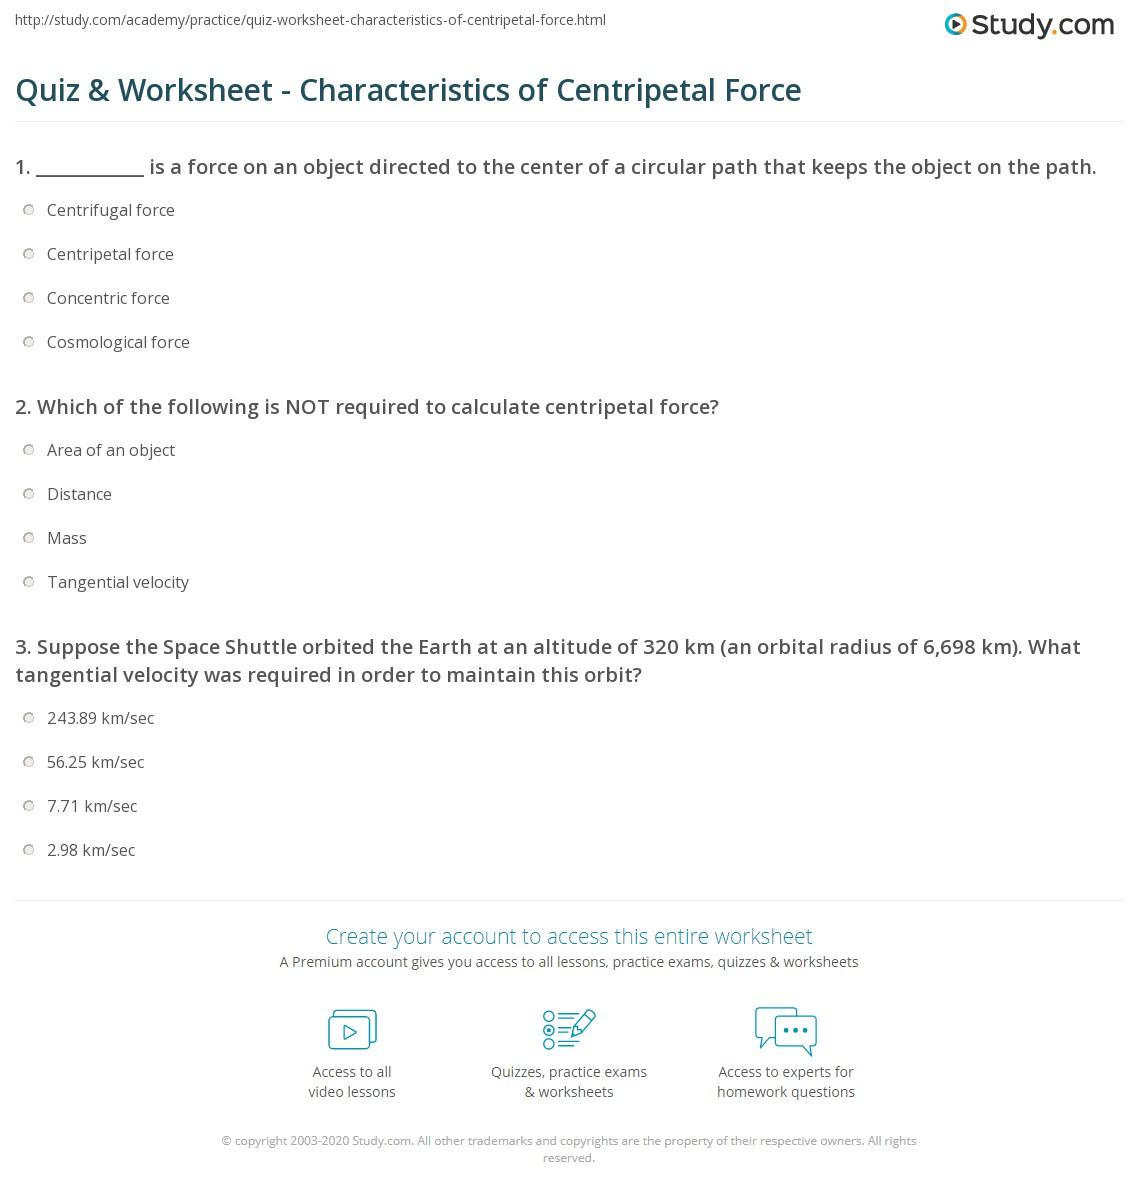 worksheet Centripetal Force Worksheet quiz worksheet characteristics of centripetal force study com print definition formula examples worksheet